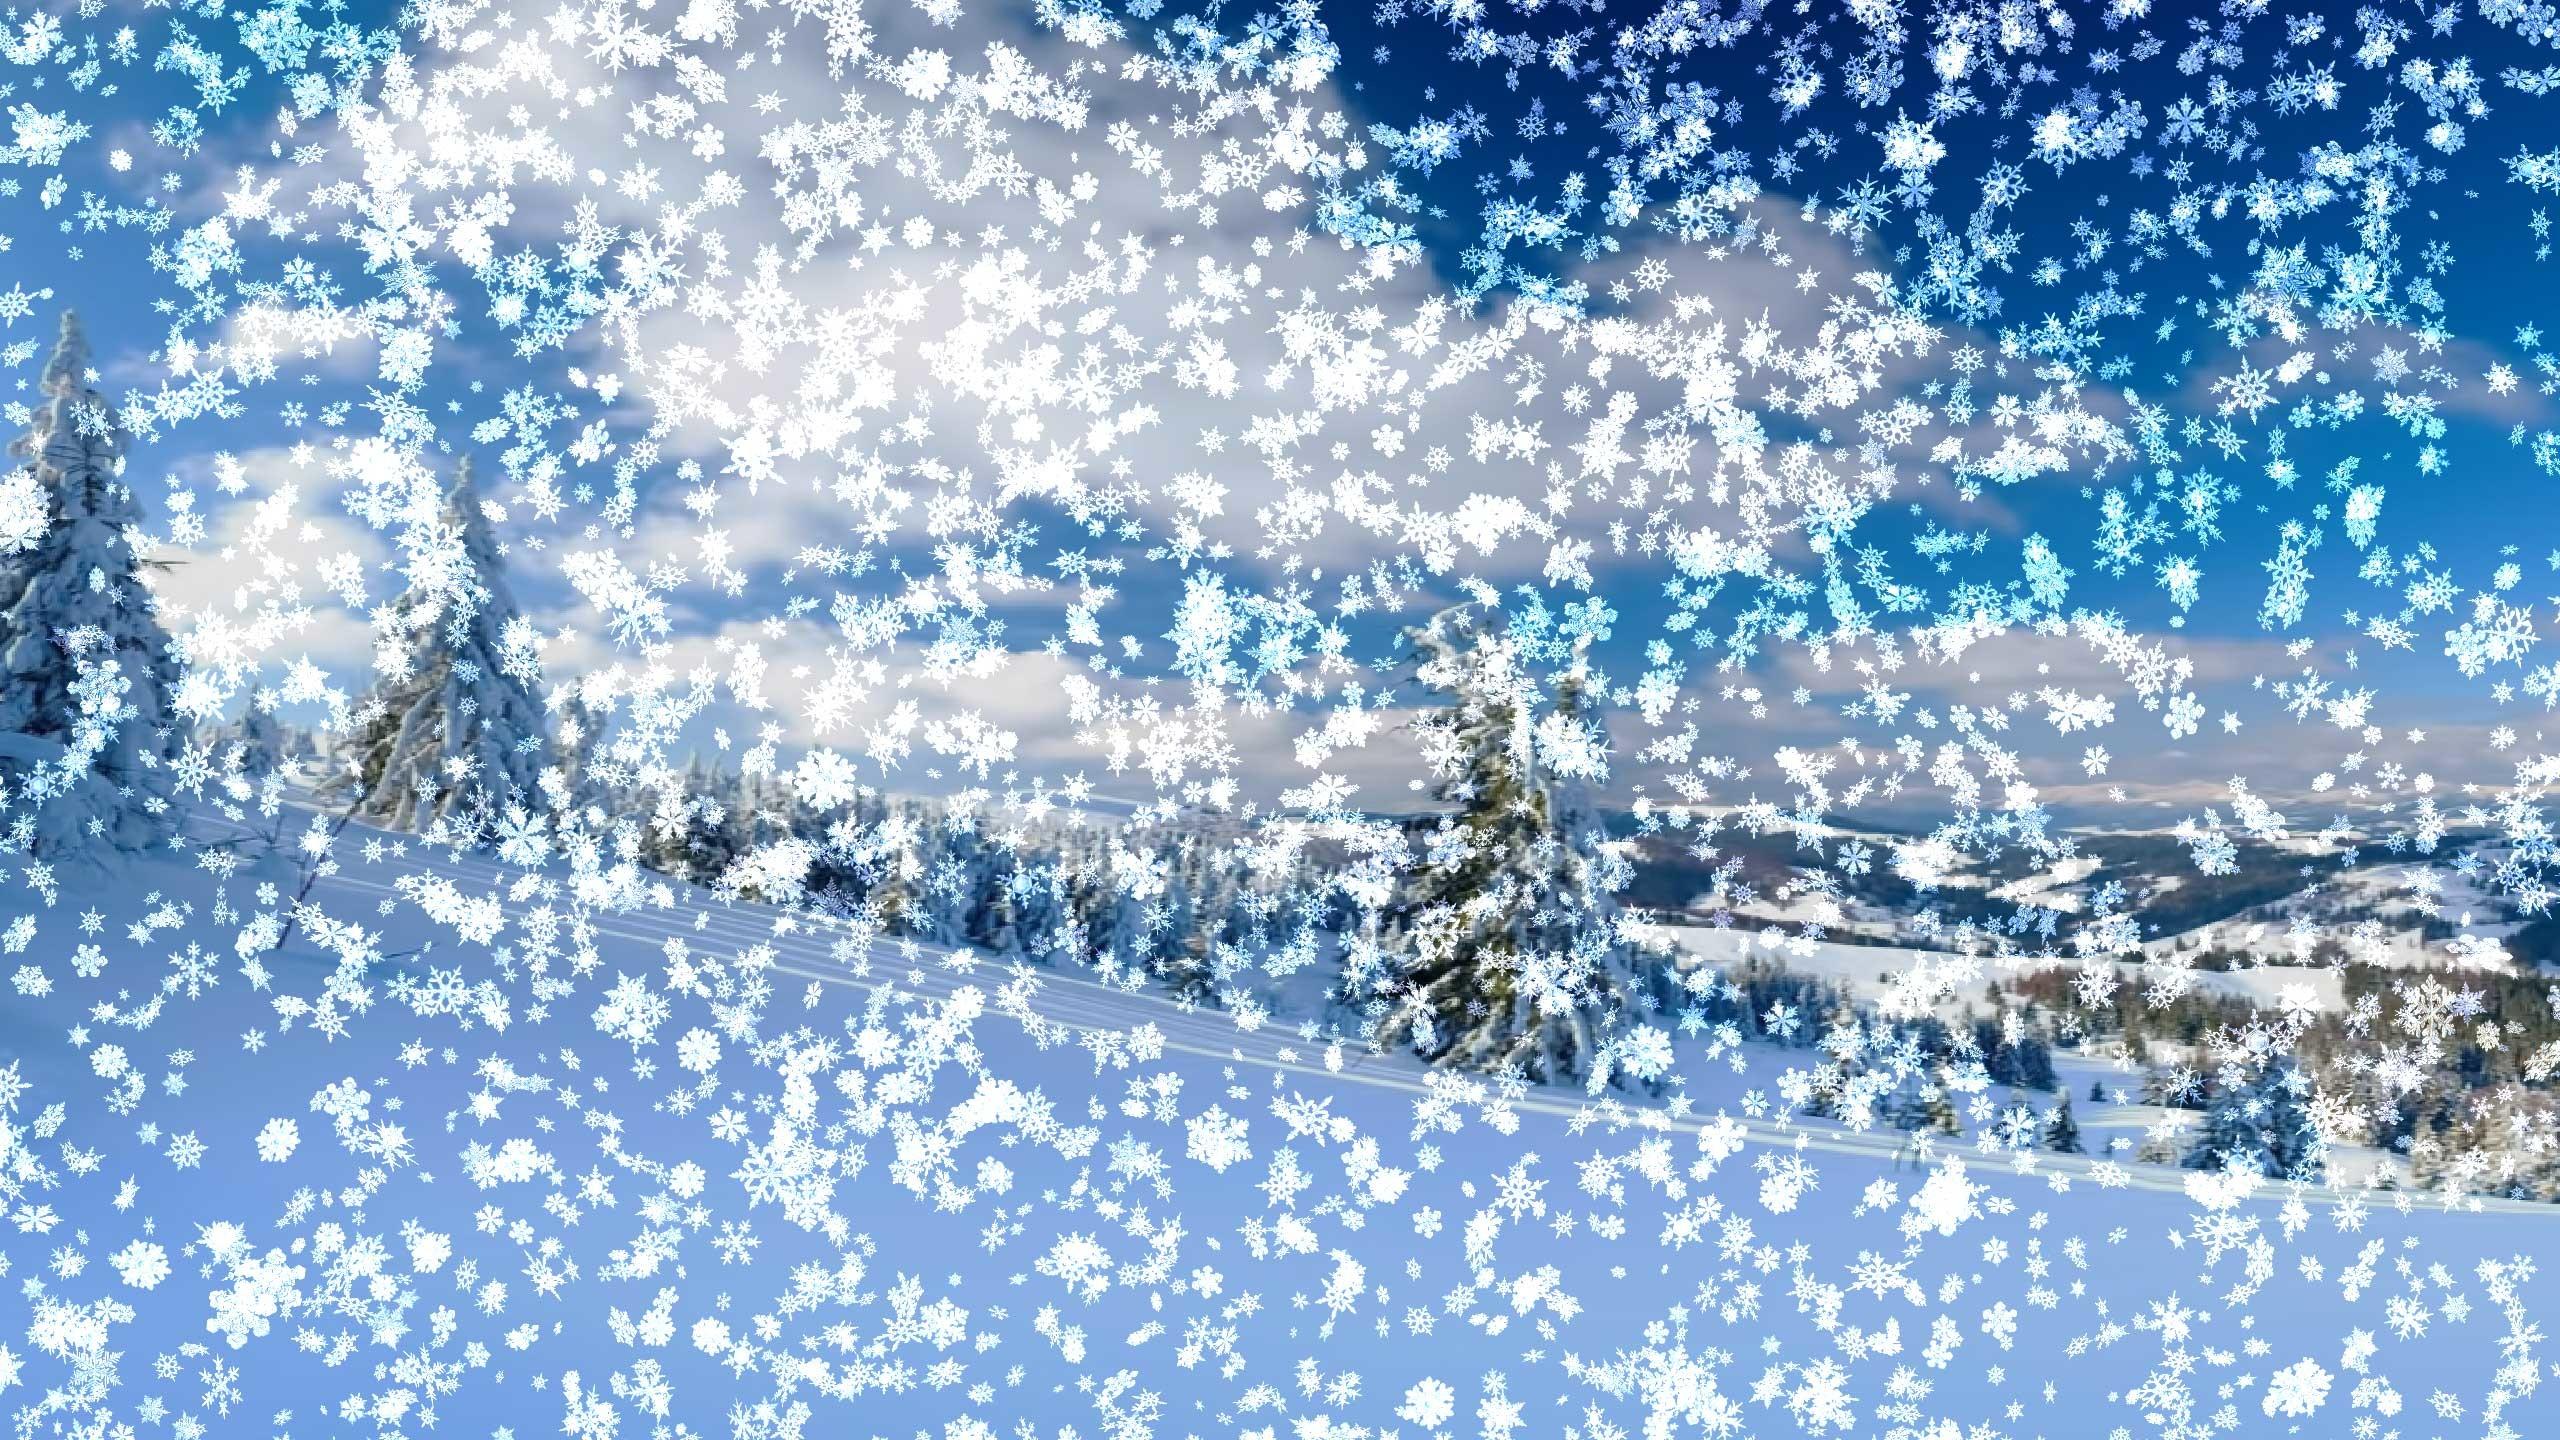 Снеговик тильда фото этой опцией